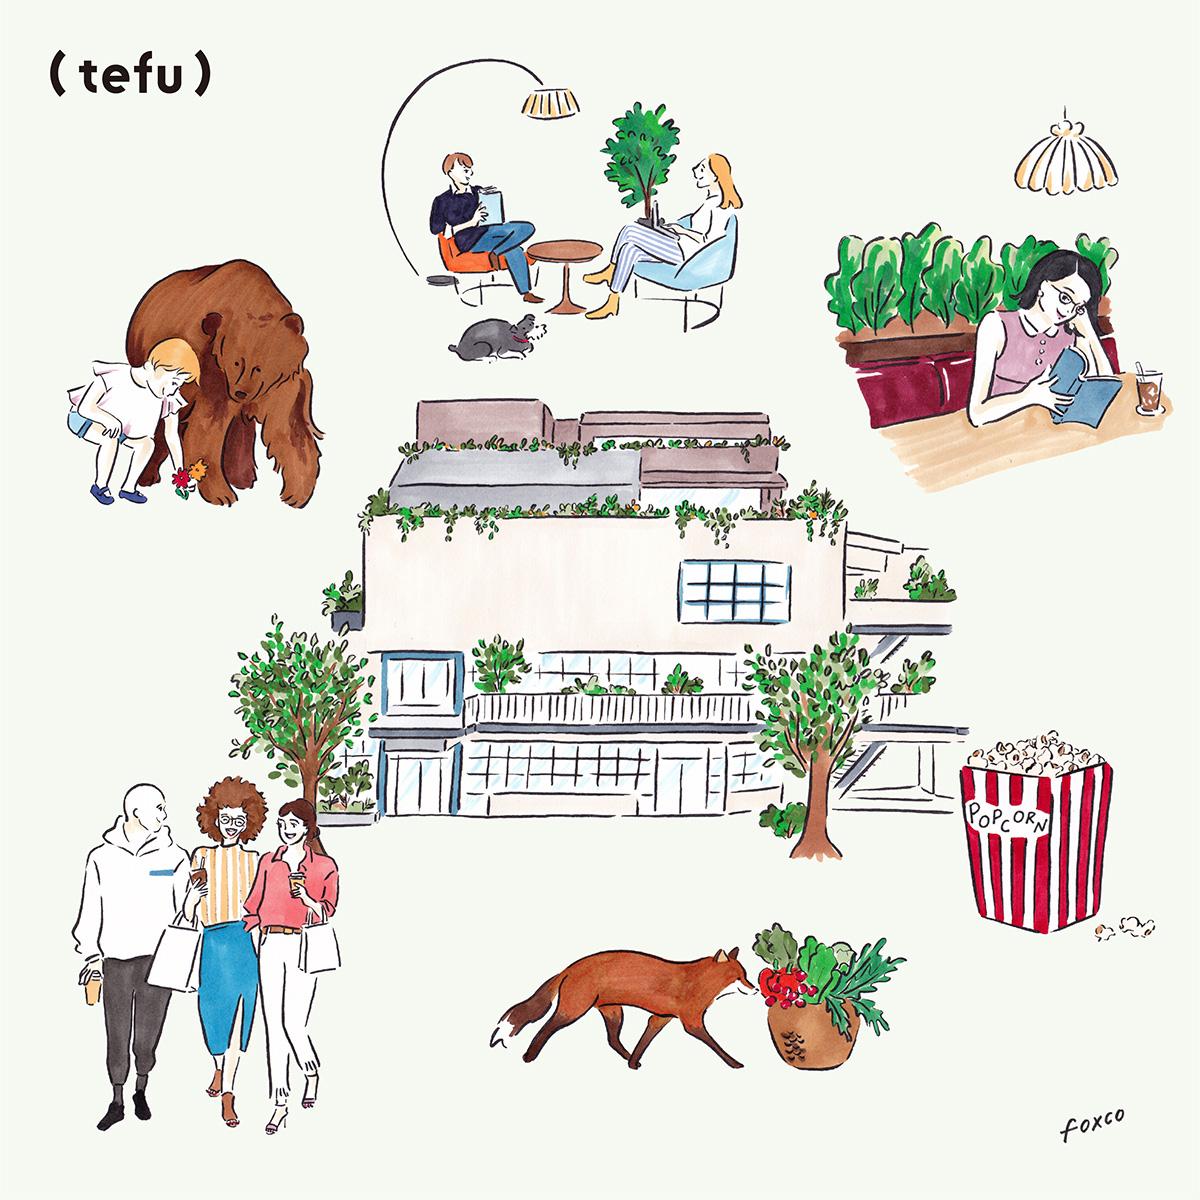 『(tefu) lounge』(テフ ラウンジ)